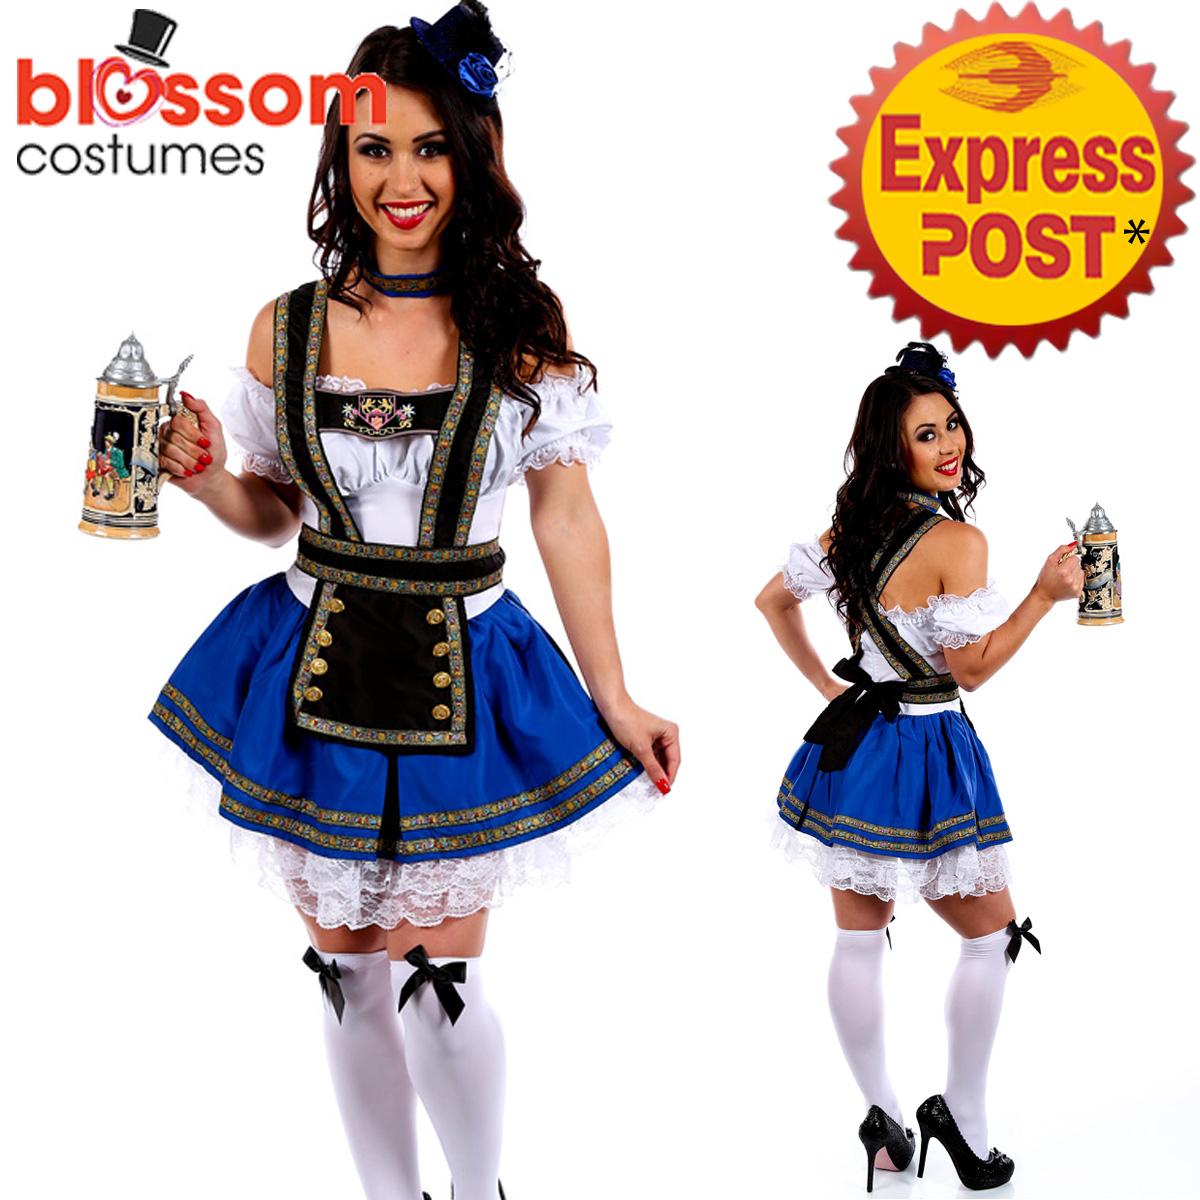 J19-Blue-Dirndl-Oktoberfest-Ladies-German-Beer-Maid-Outfit-Fancy-Dress-Costume